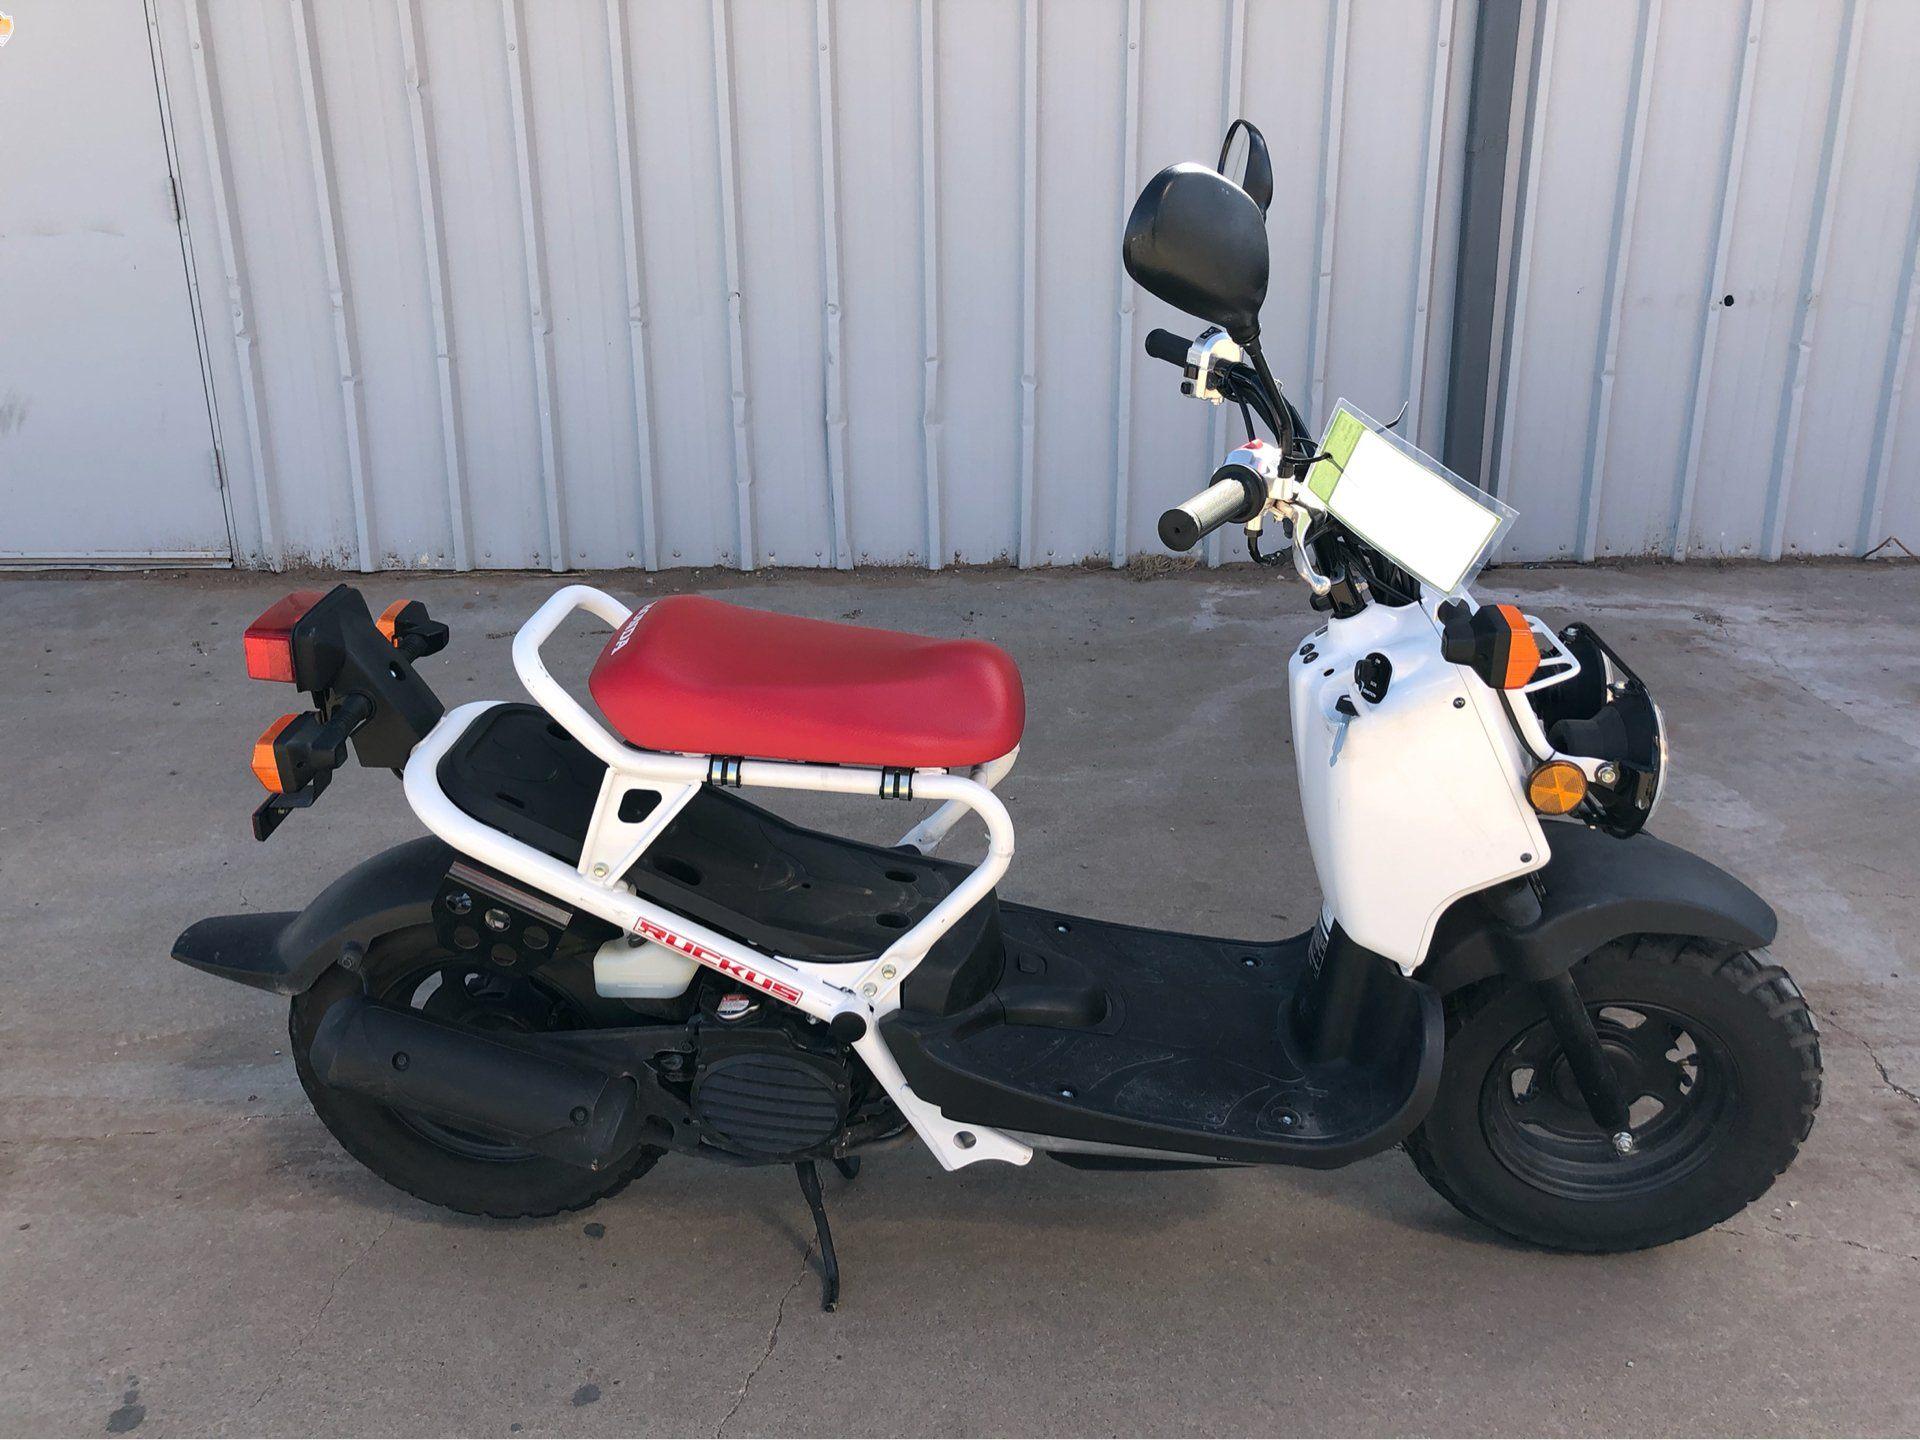 2016 Honda Ruckus In Amarillo Texas